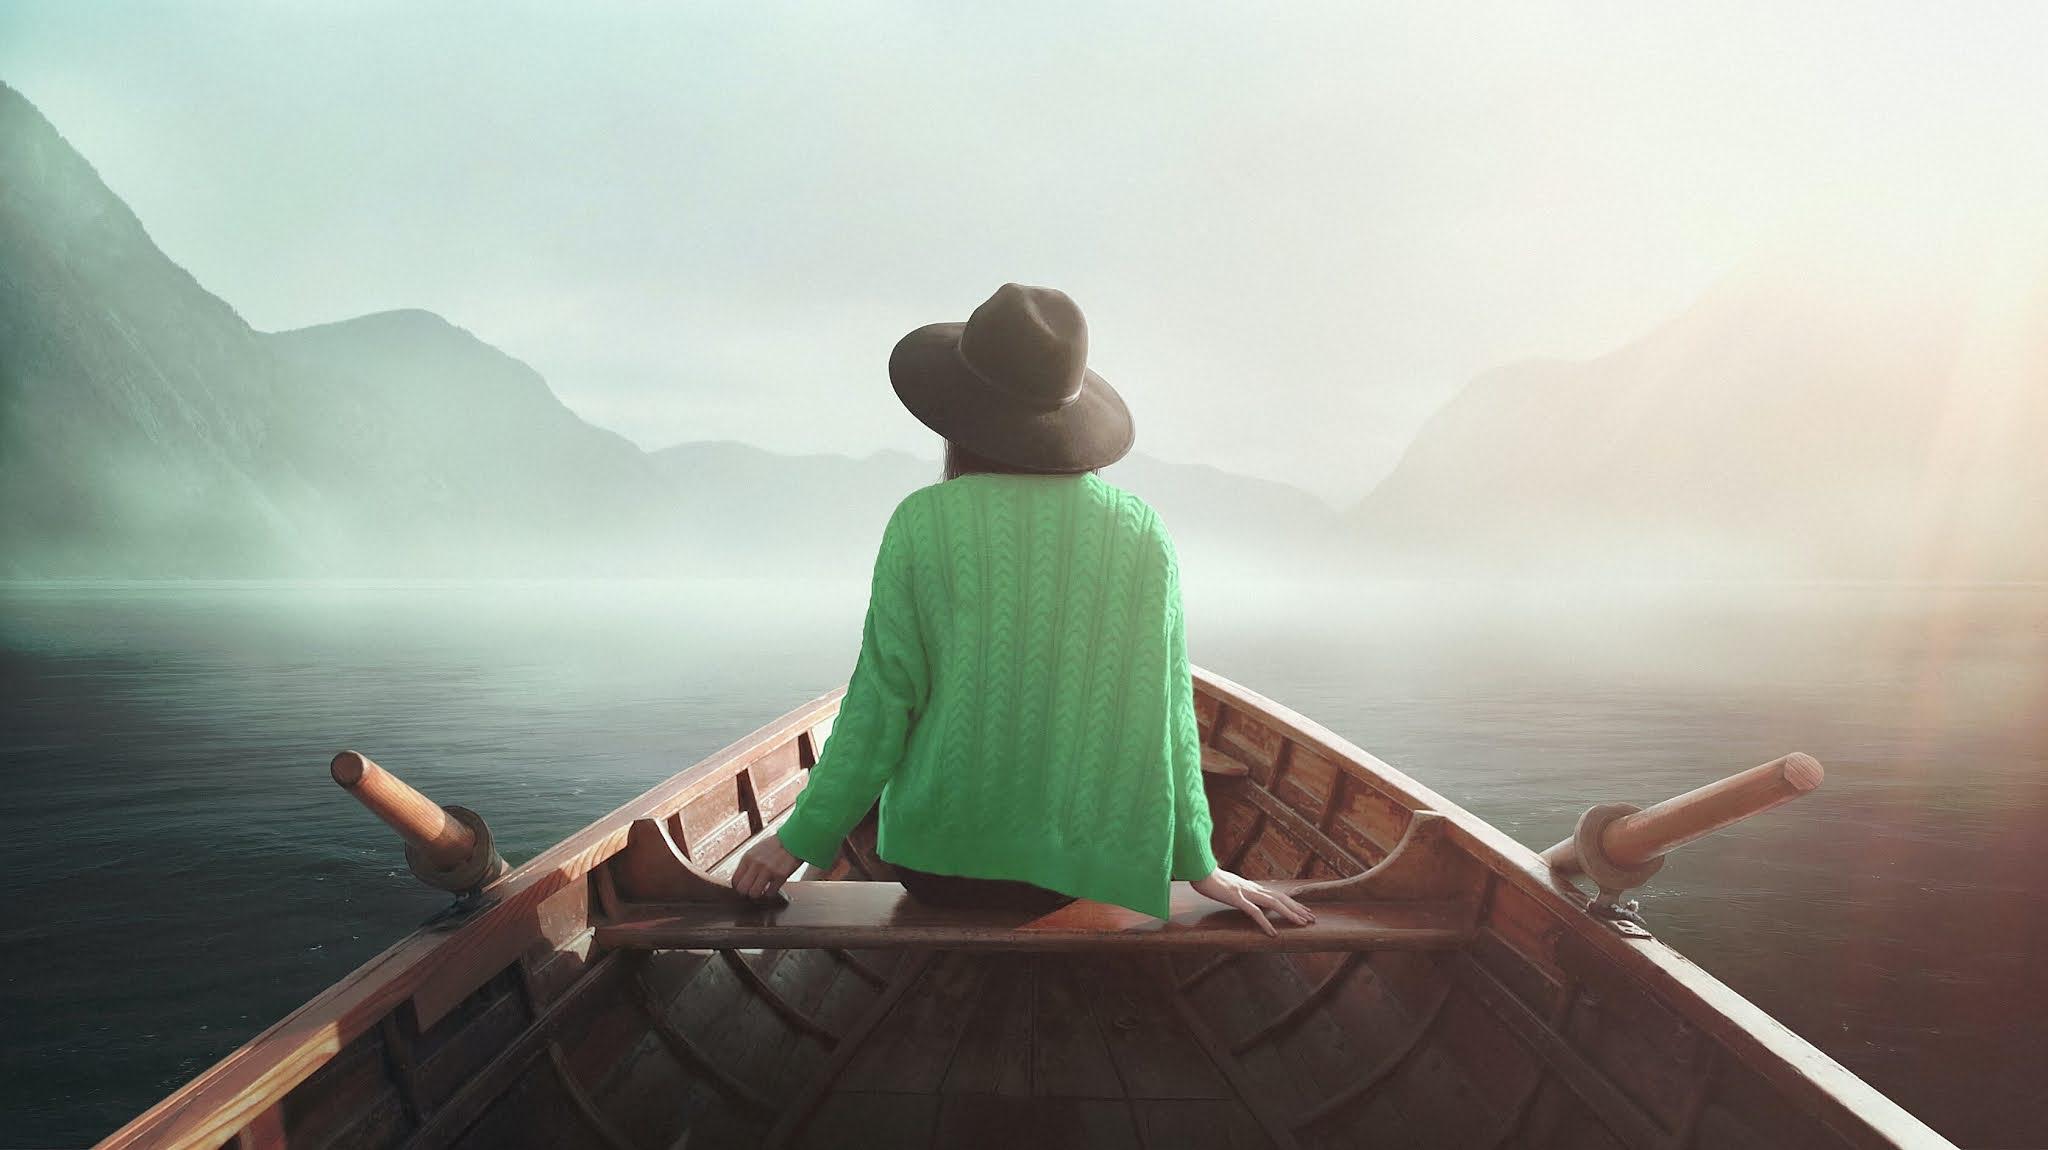 Girl, On journey